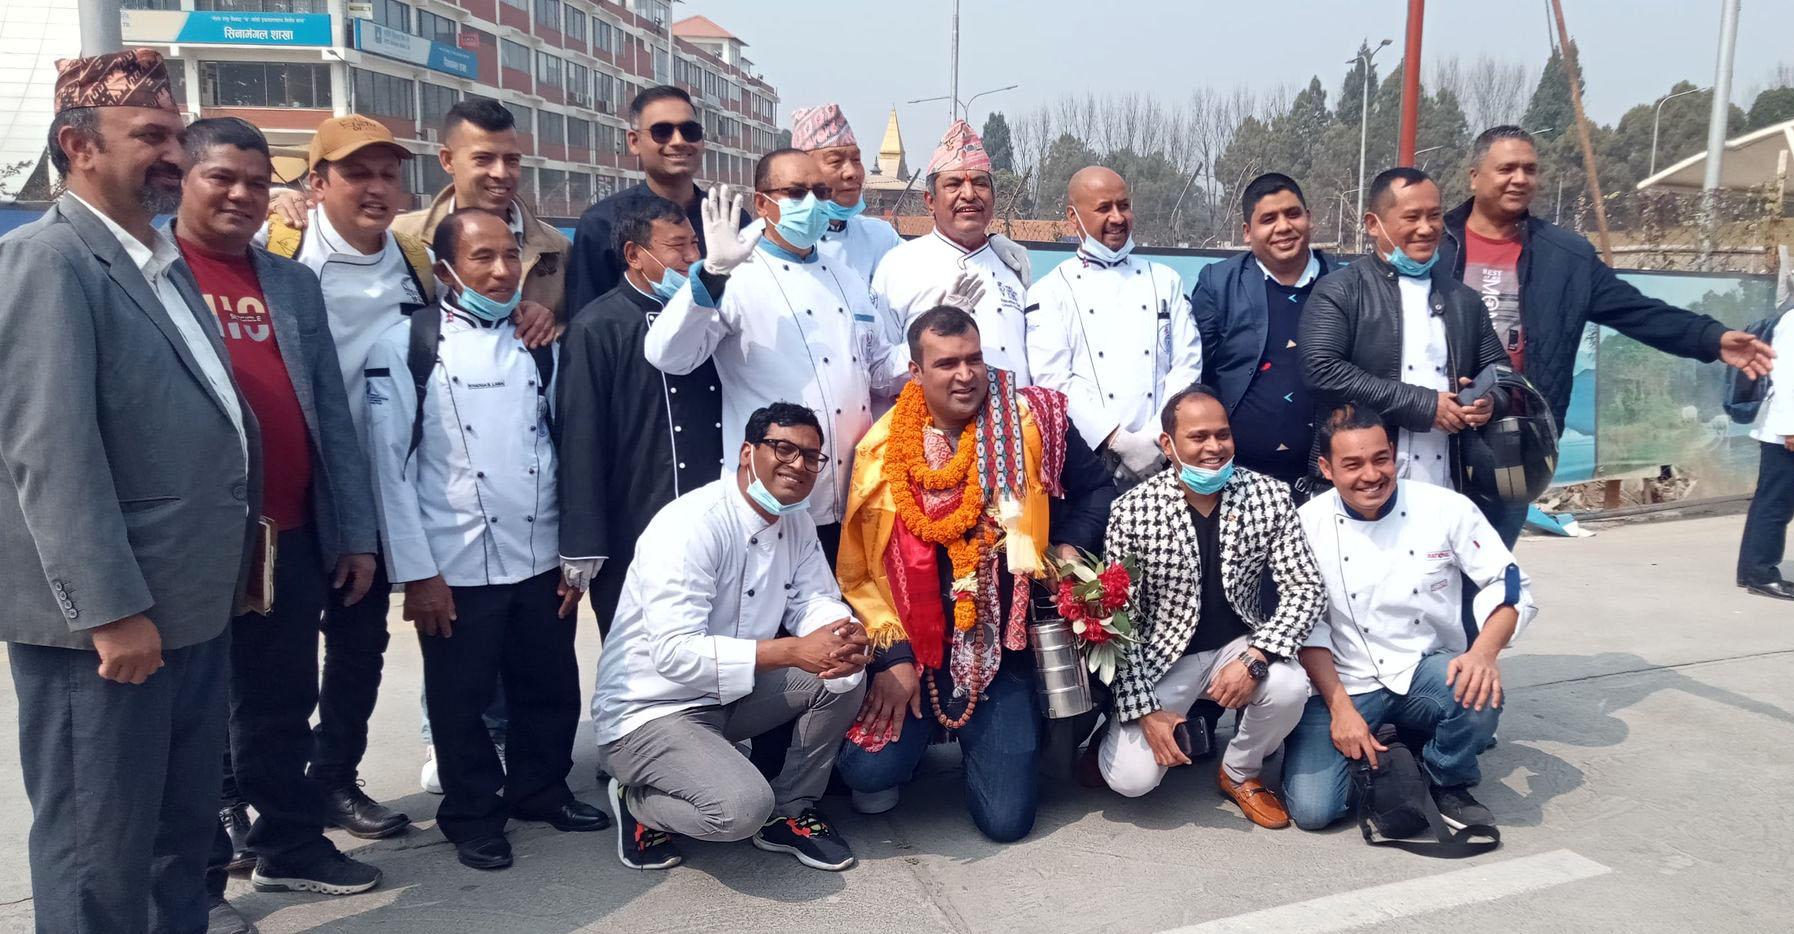 'बिबिसी सो'का चर्चित मास्टर सेफ साह भन्नुहुन्छ, 'नेपाली खाना विश्वभर पस्किँदैछु'